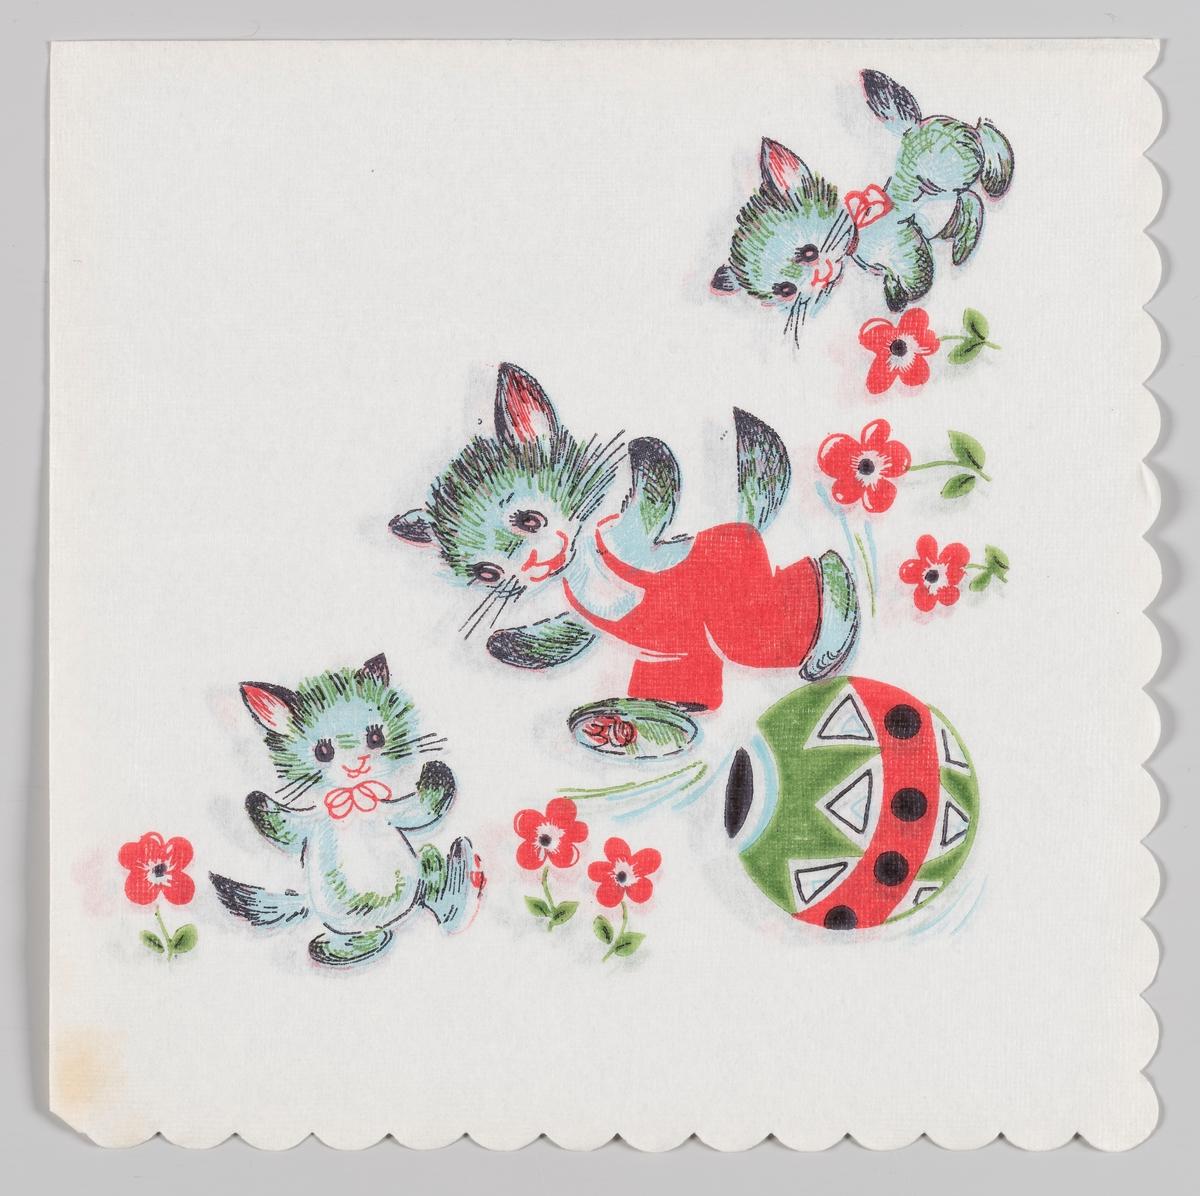 En katt med røde bukser som balanserer på en stor ball med mønster. To katter med røde sløyfer om halsen omgitt av røde blomster.